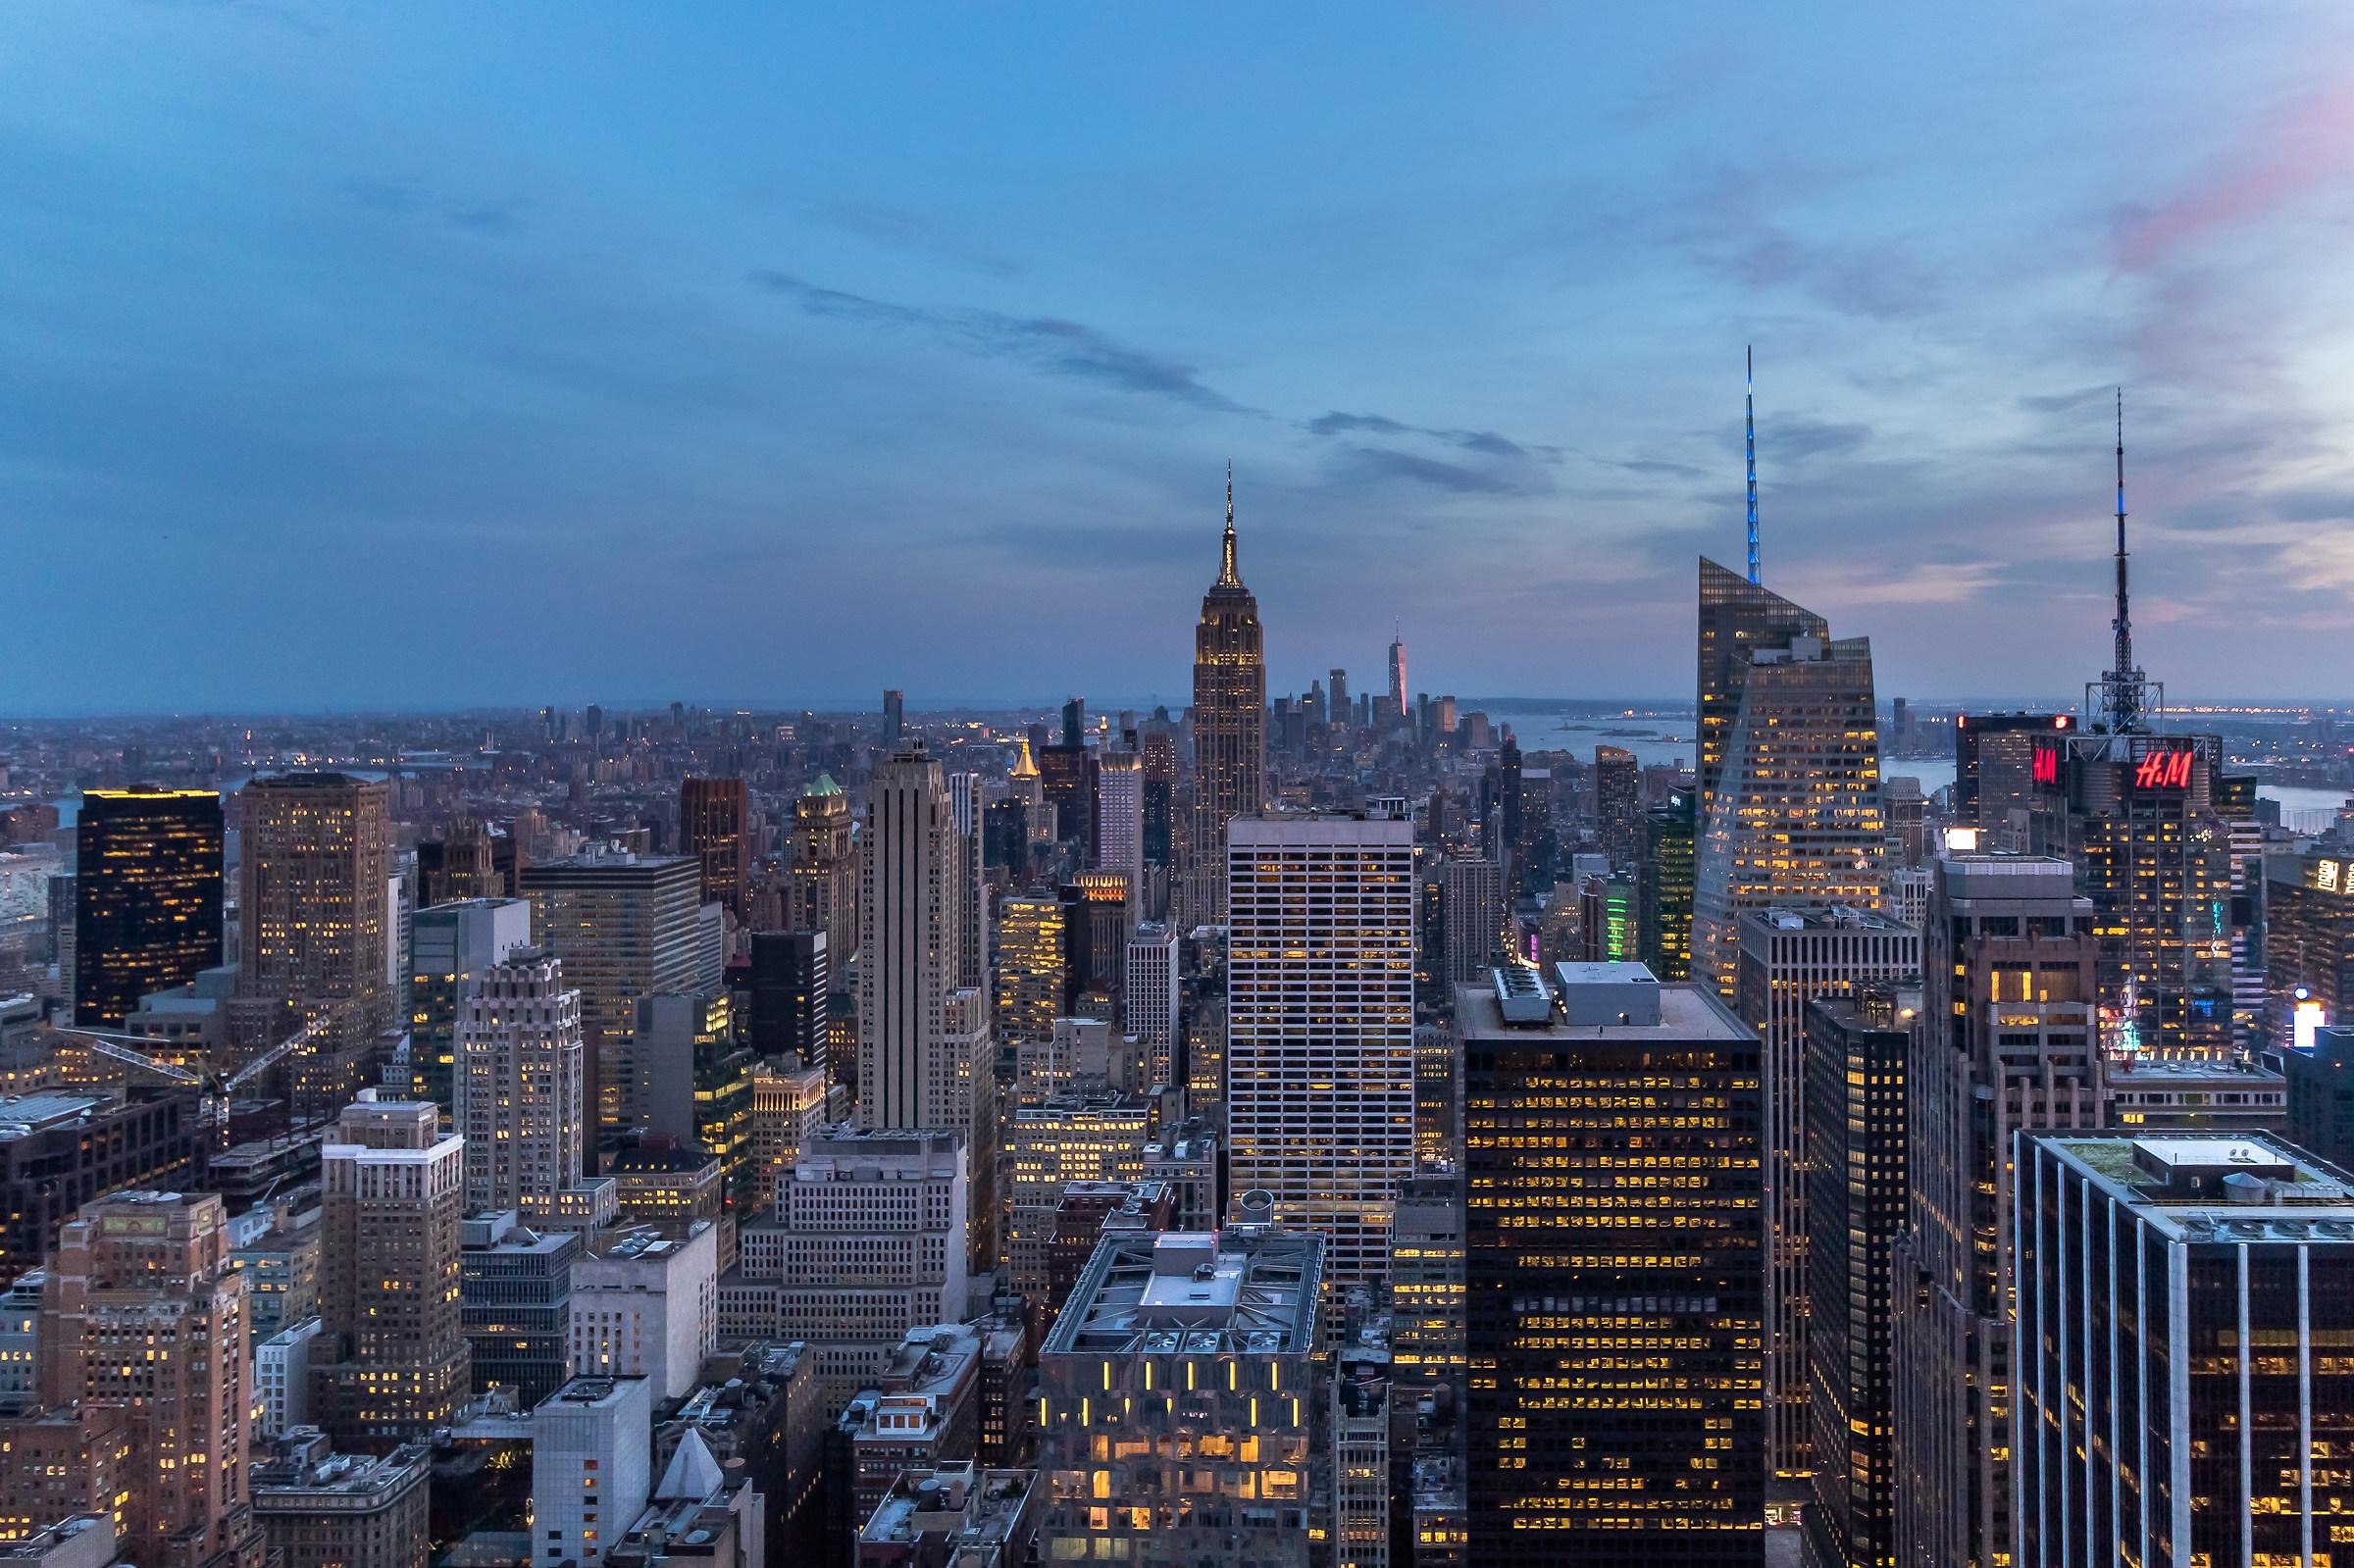 First lights in Manhattan...